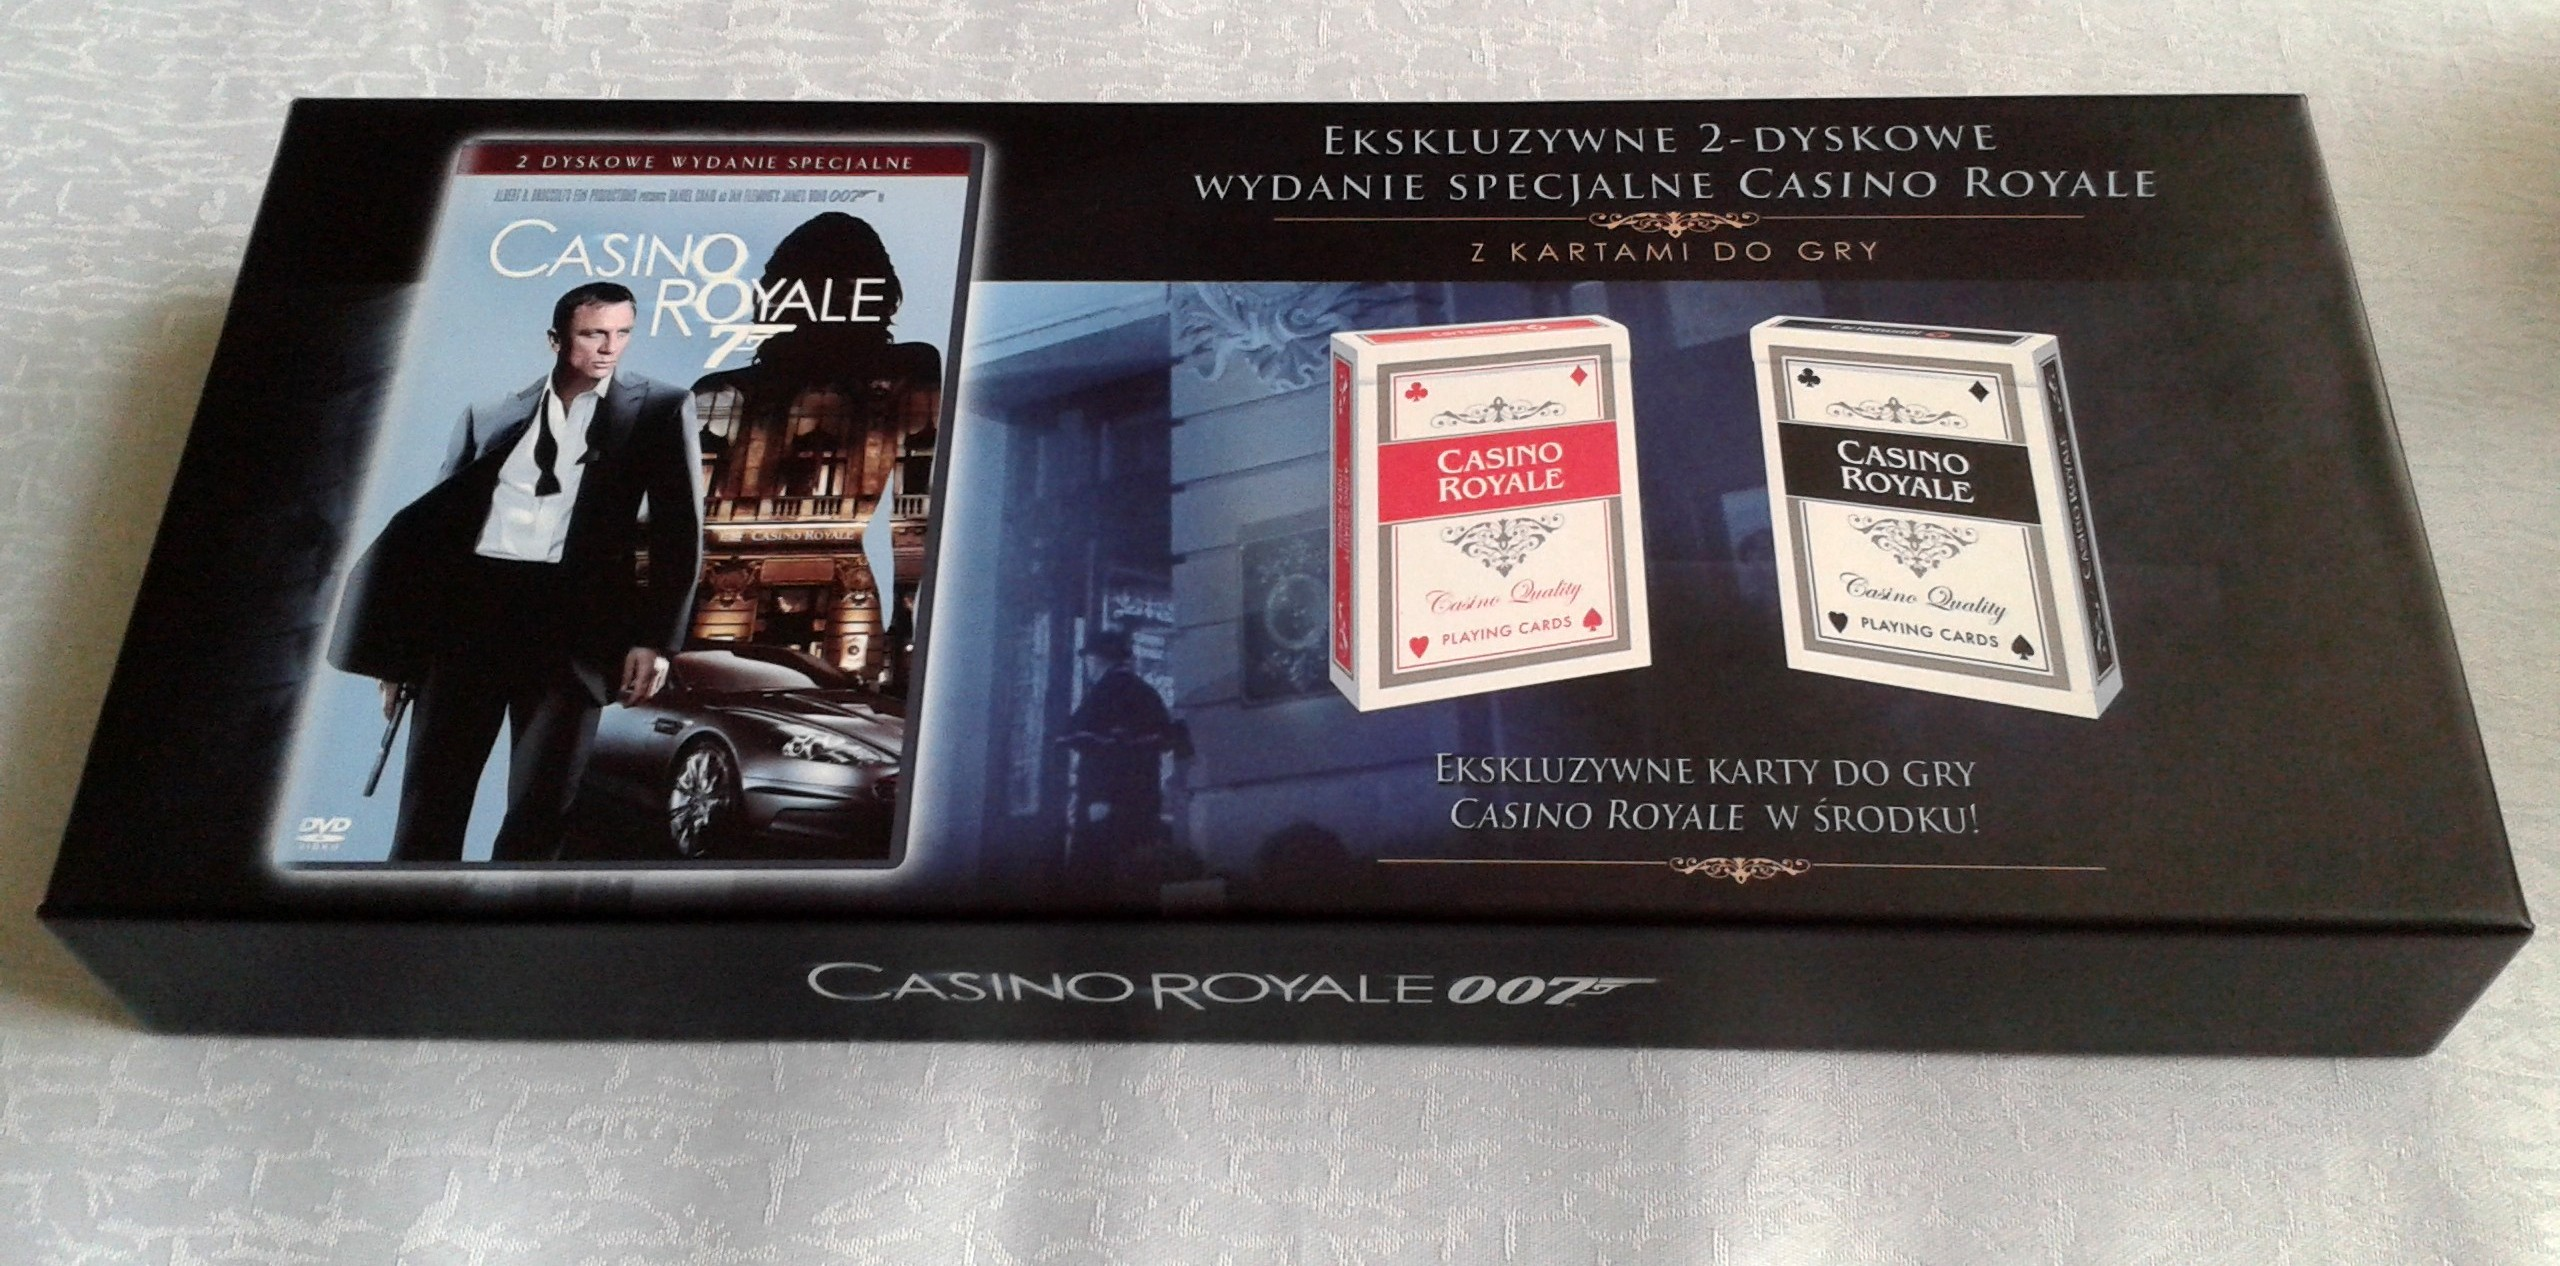 casino royale wydanie 2DVD.jpg